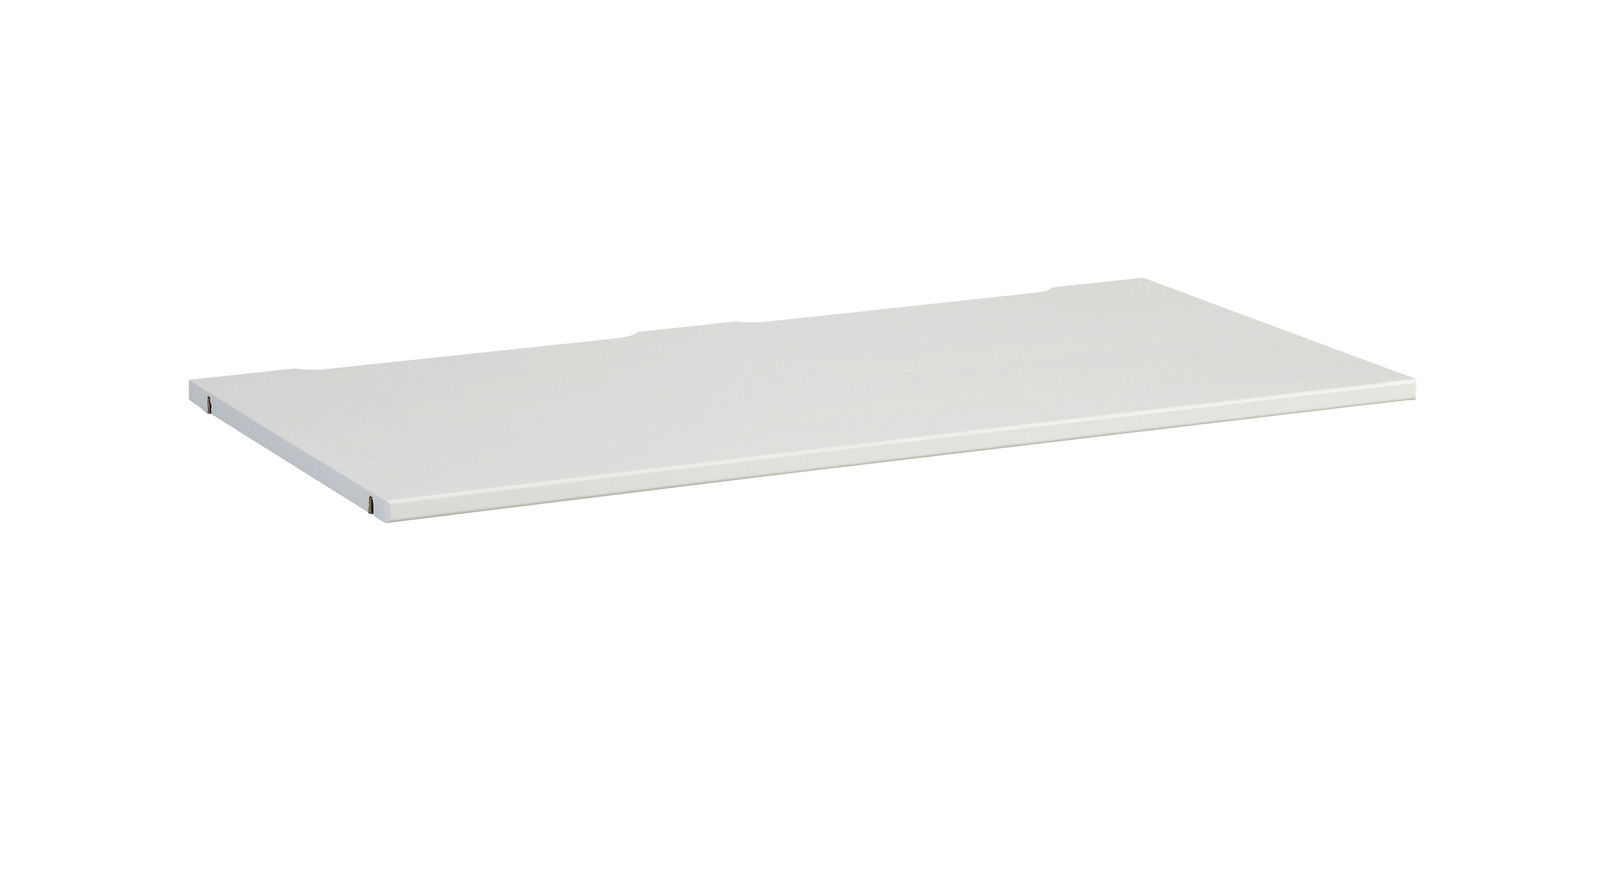 LIFETIME Kleiderschrank-Innenausstattung lackierter Einlegeboden in 100cm